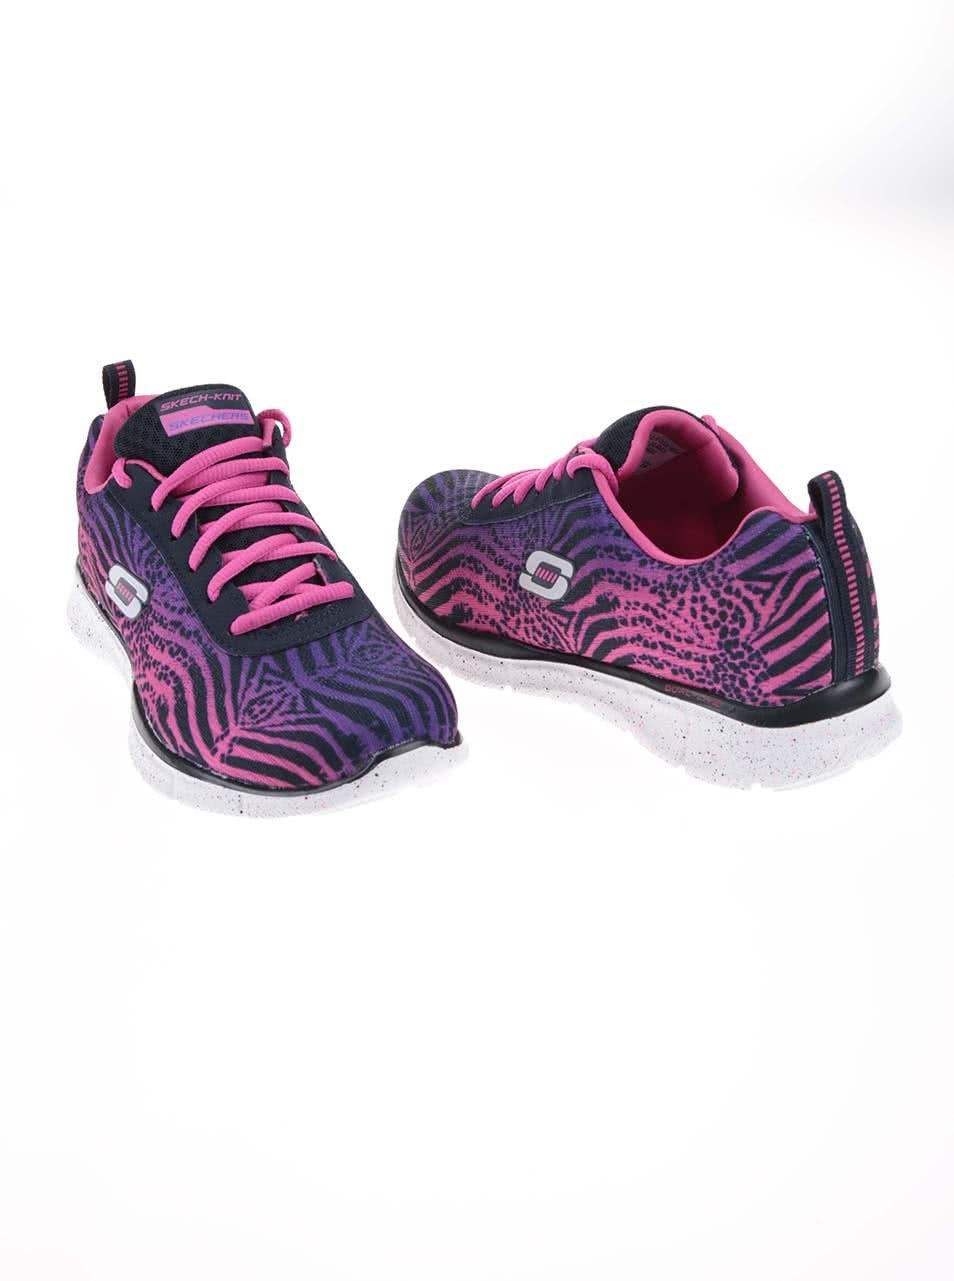 5197577ef10b2 Fialovo-ružové dámske športové tenisky Skechers Surf Safari | ZOOT.sk